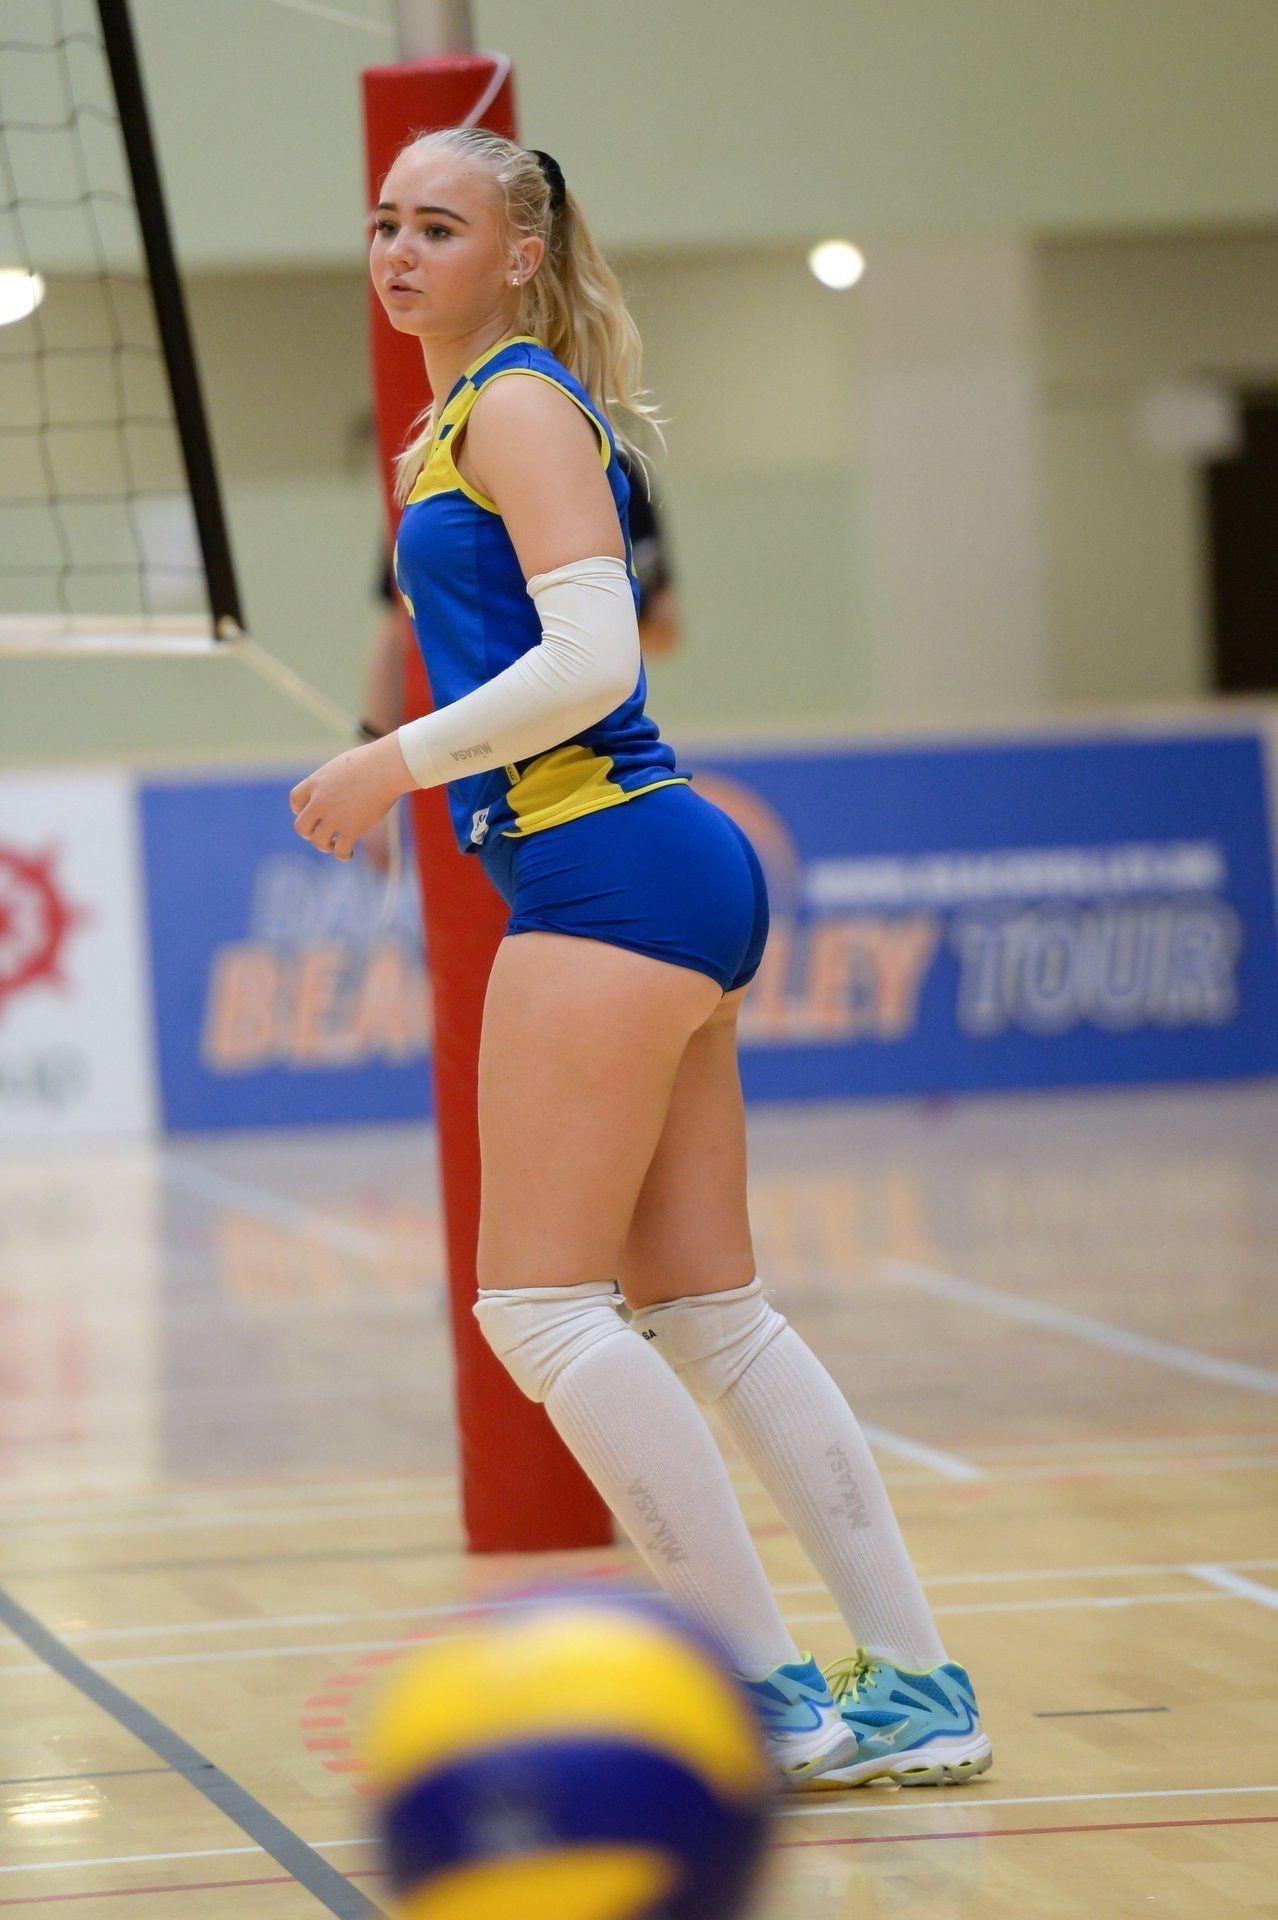 Pin By Belle Jones On Volleyballspelers Female Athletes Women Volleyball Female Volleyball Players